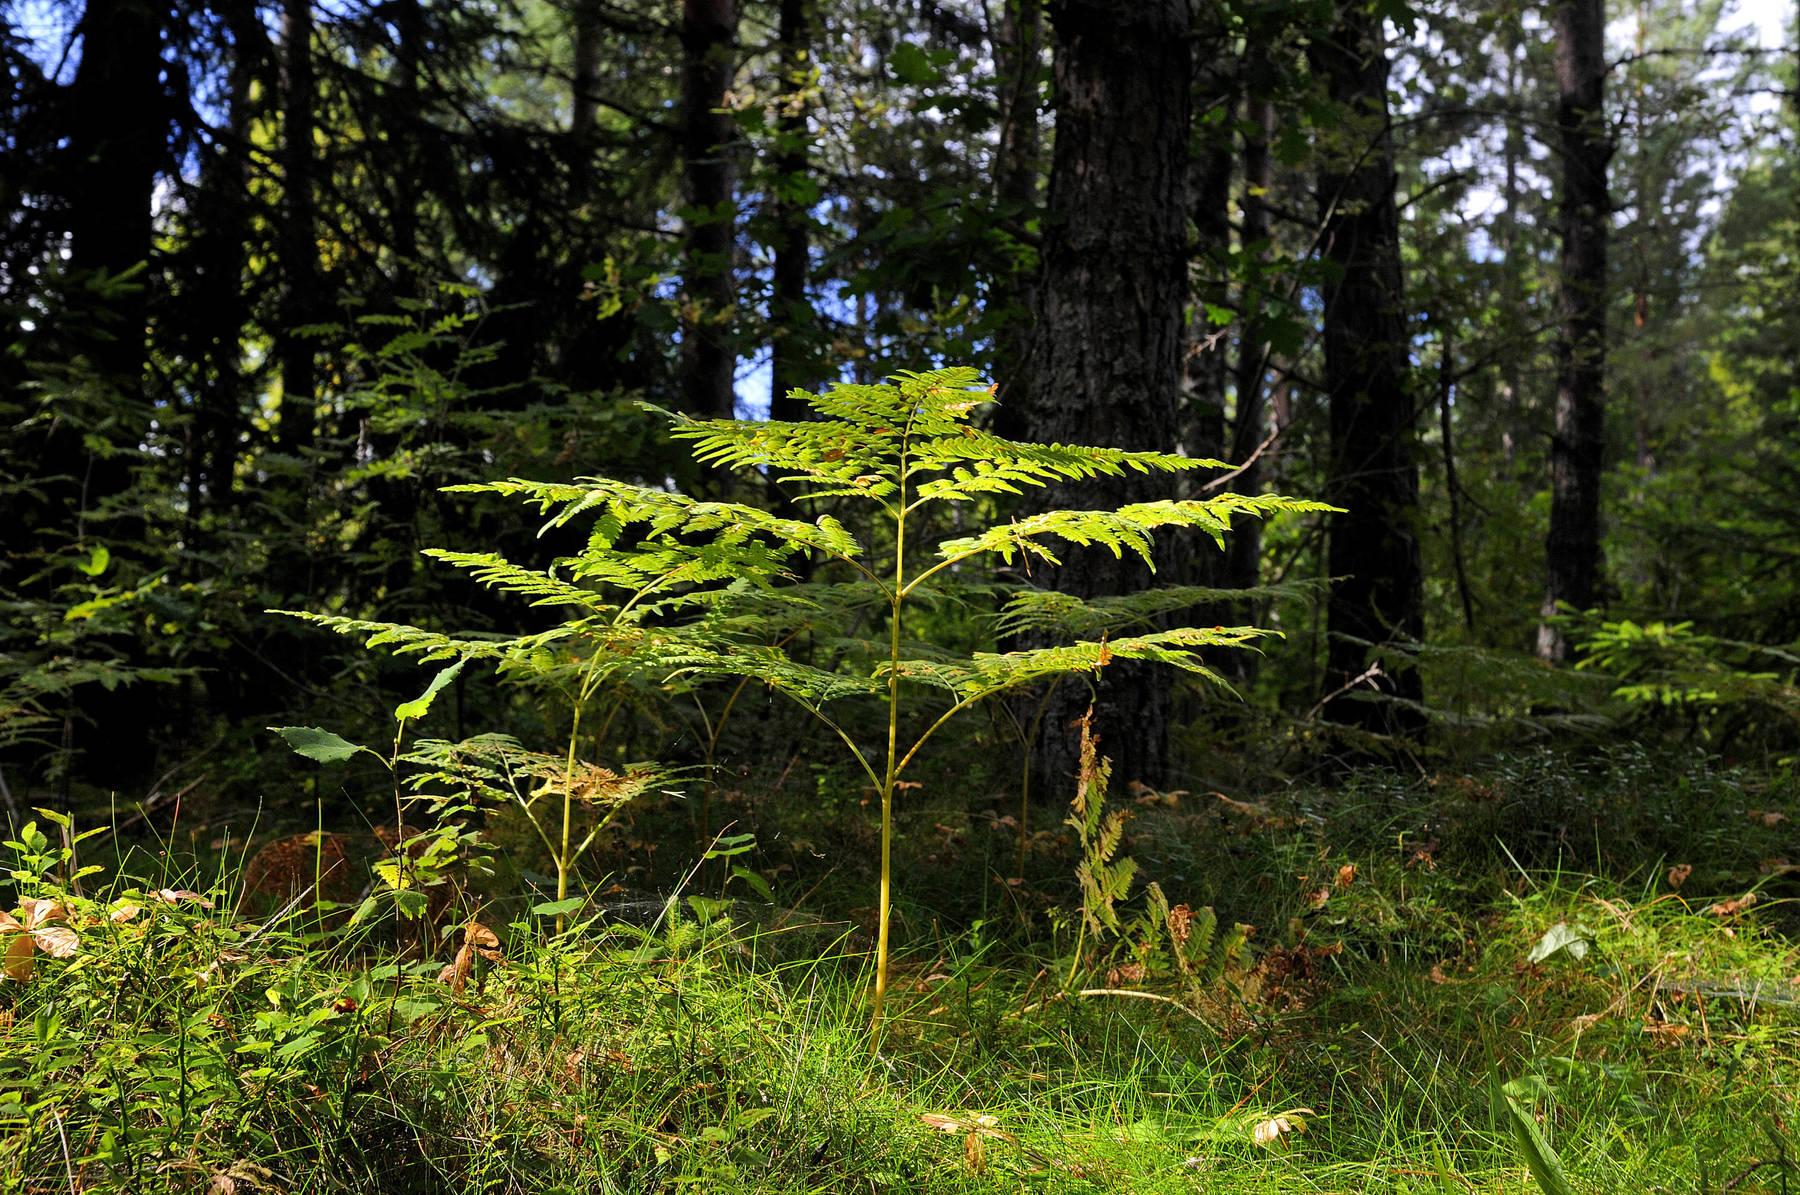 Das Jedermannsrecht beinhaltet Rechte und Pflichten für den Aufenthalt in der Natur